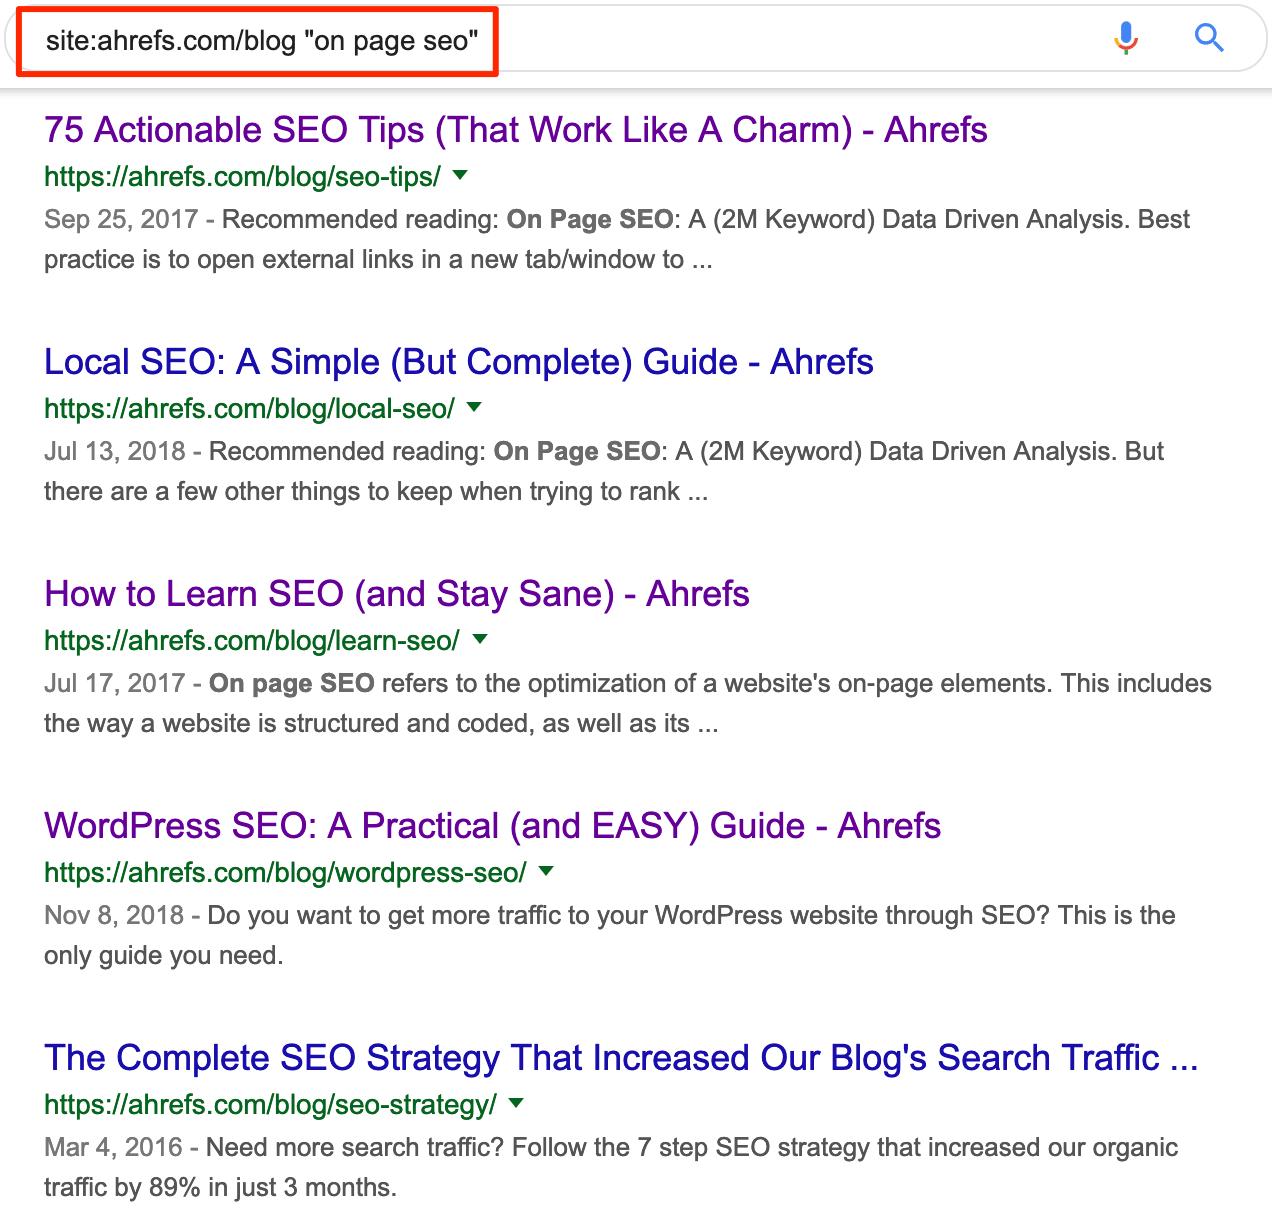 SEO_รับทำ SEO_การทำ SEO_บริษัทรับทำ SEO_กลยุทธ์ SEO_ทำ seo ติดอันดับหน้าแรก_เทคนิค SEO_เทคนิคการทำ SEO_เทคนิคการตลาดออนไลน์_ทํา seo google